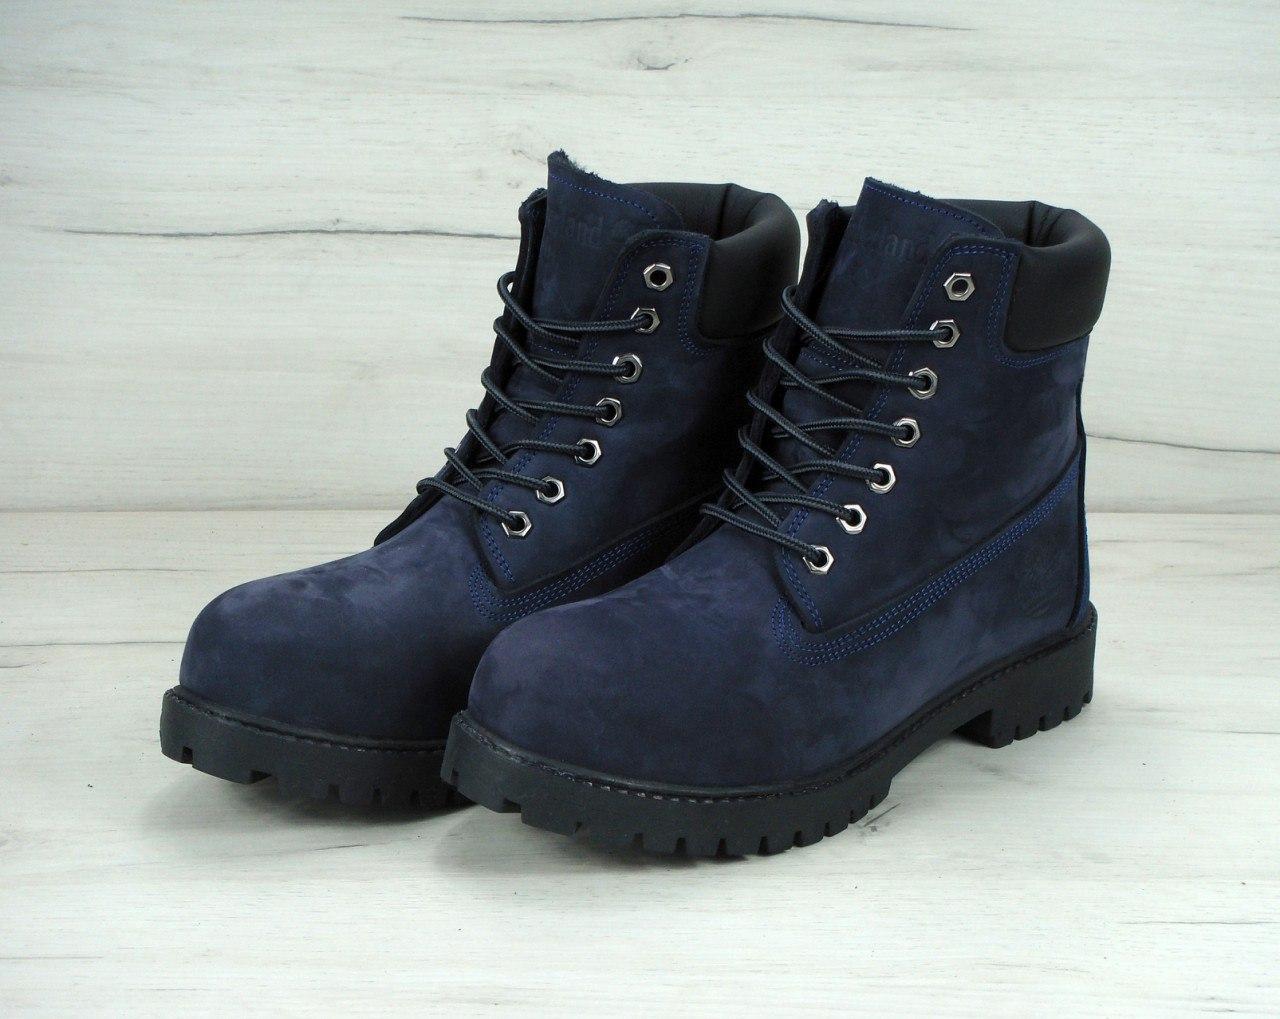 Зимние ботинки Timberland navy, мужские ботинки с искусственным мехом. ТОП Реплика ААА класса.